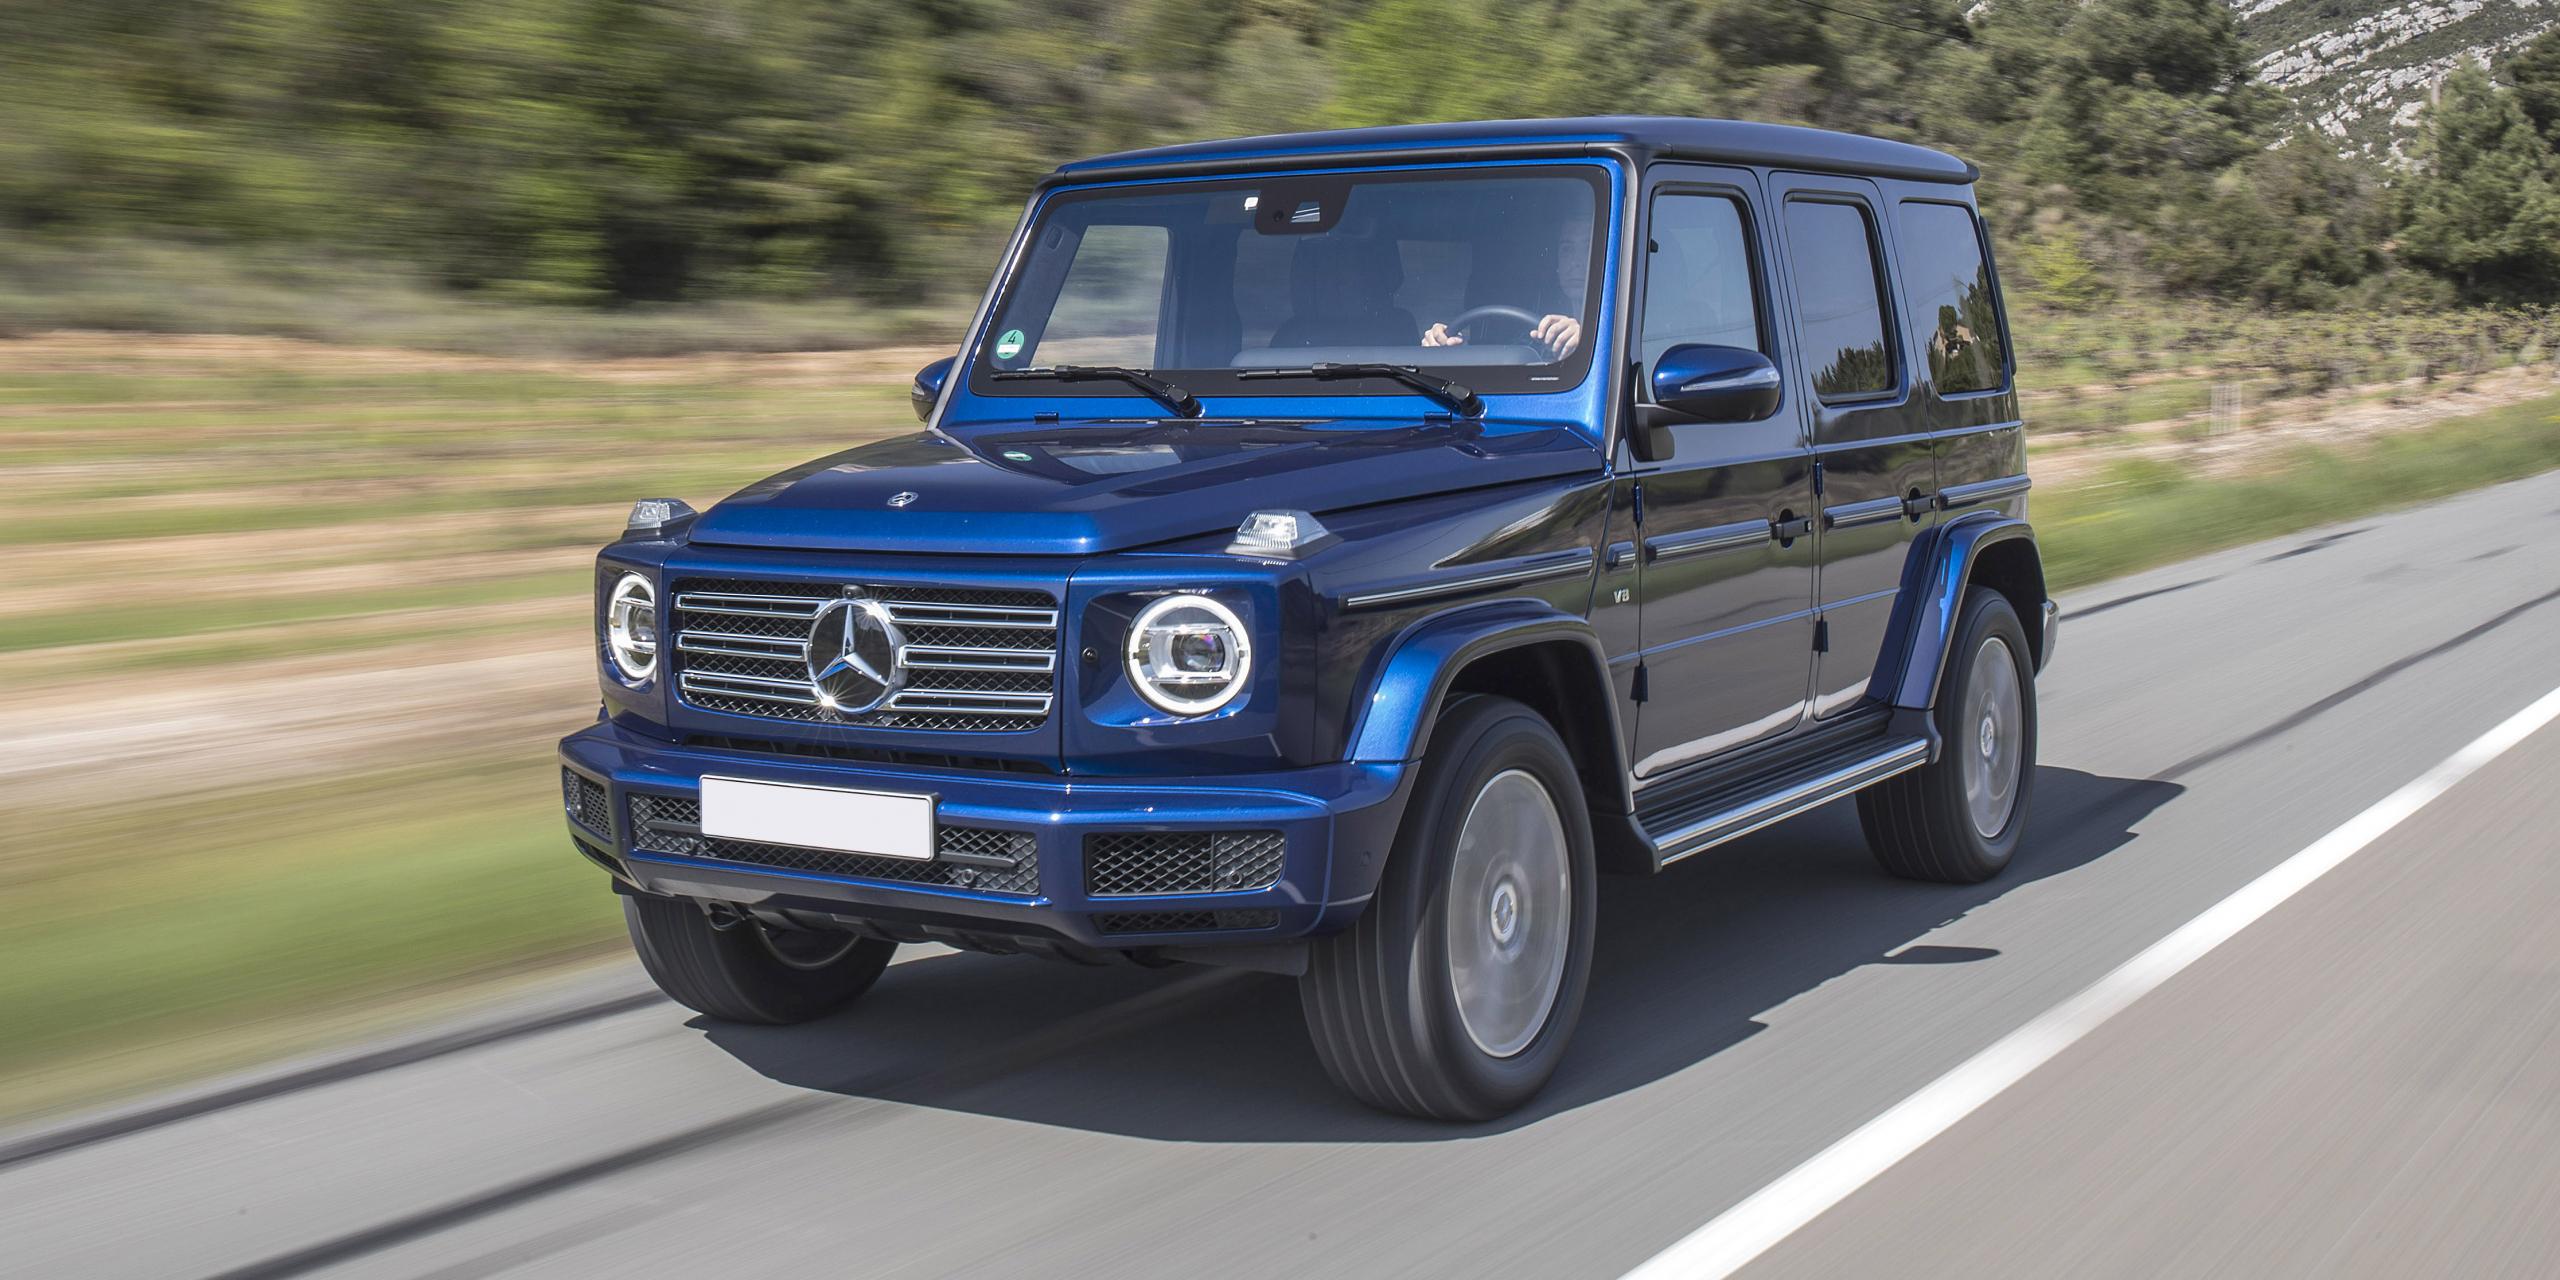 4. Mercedes G-Class